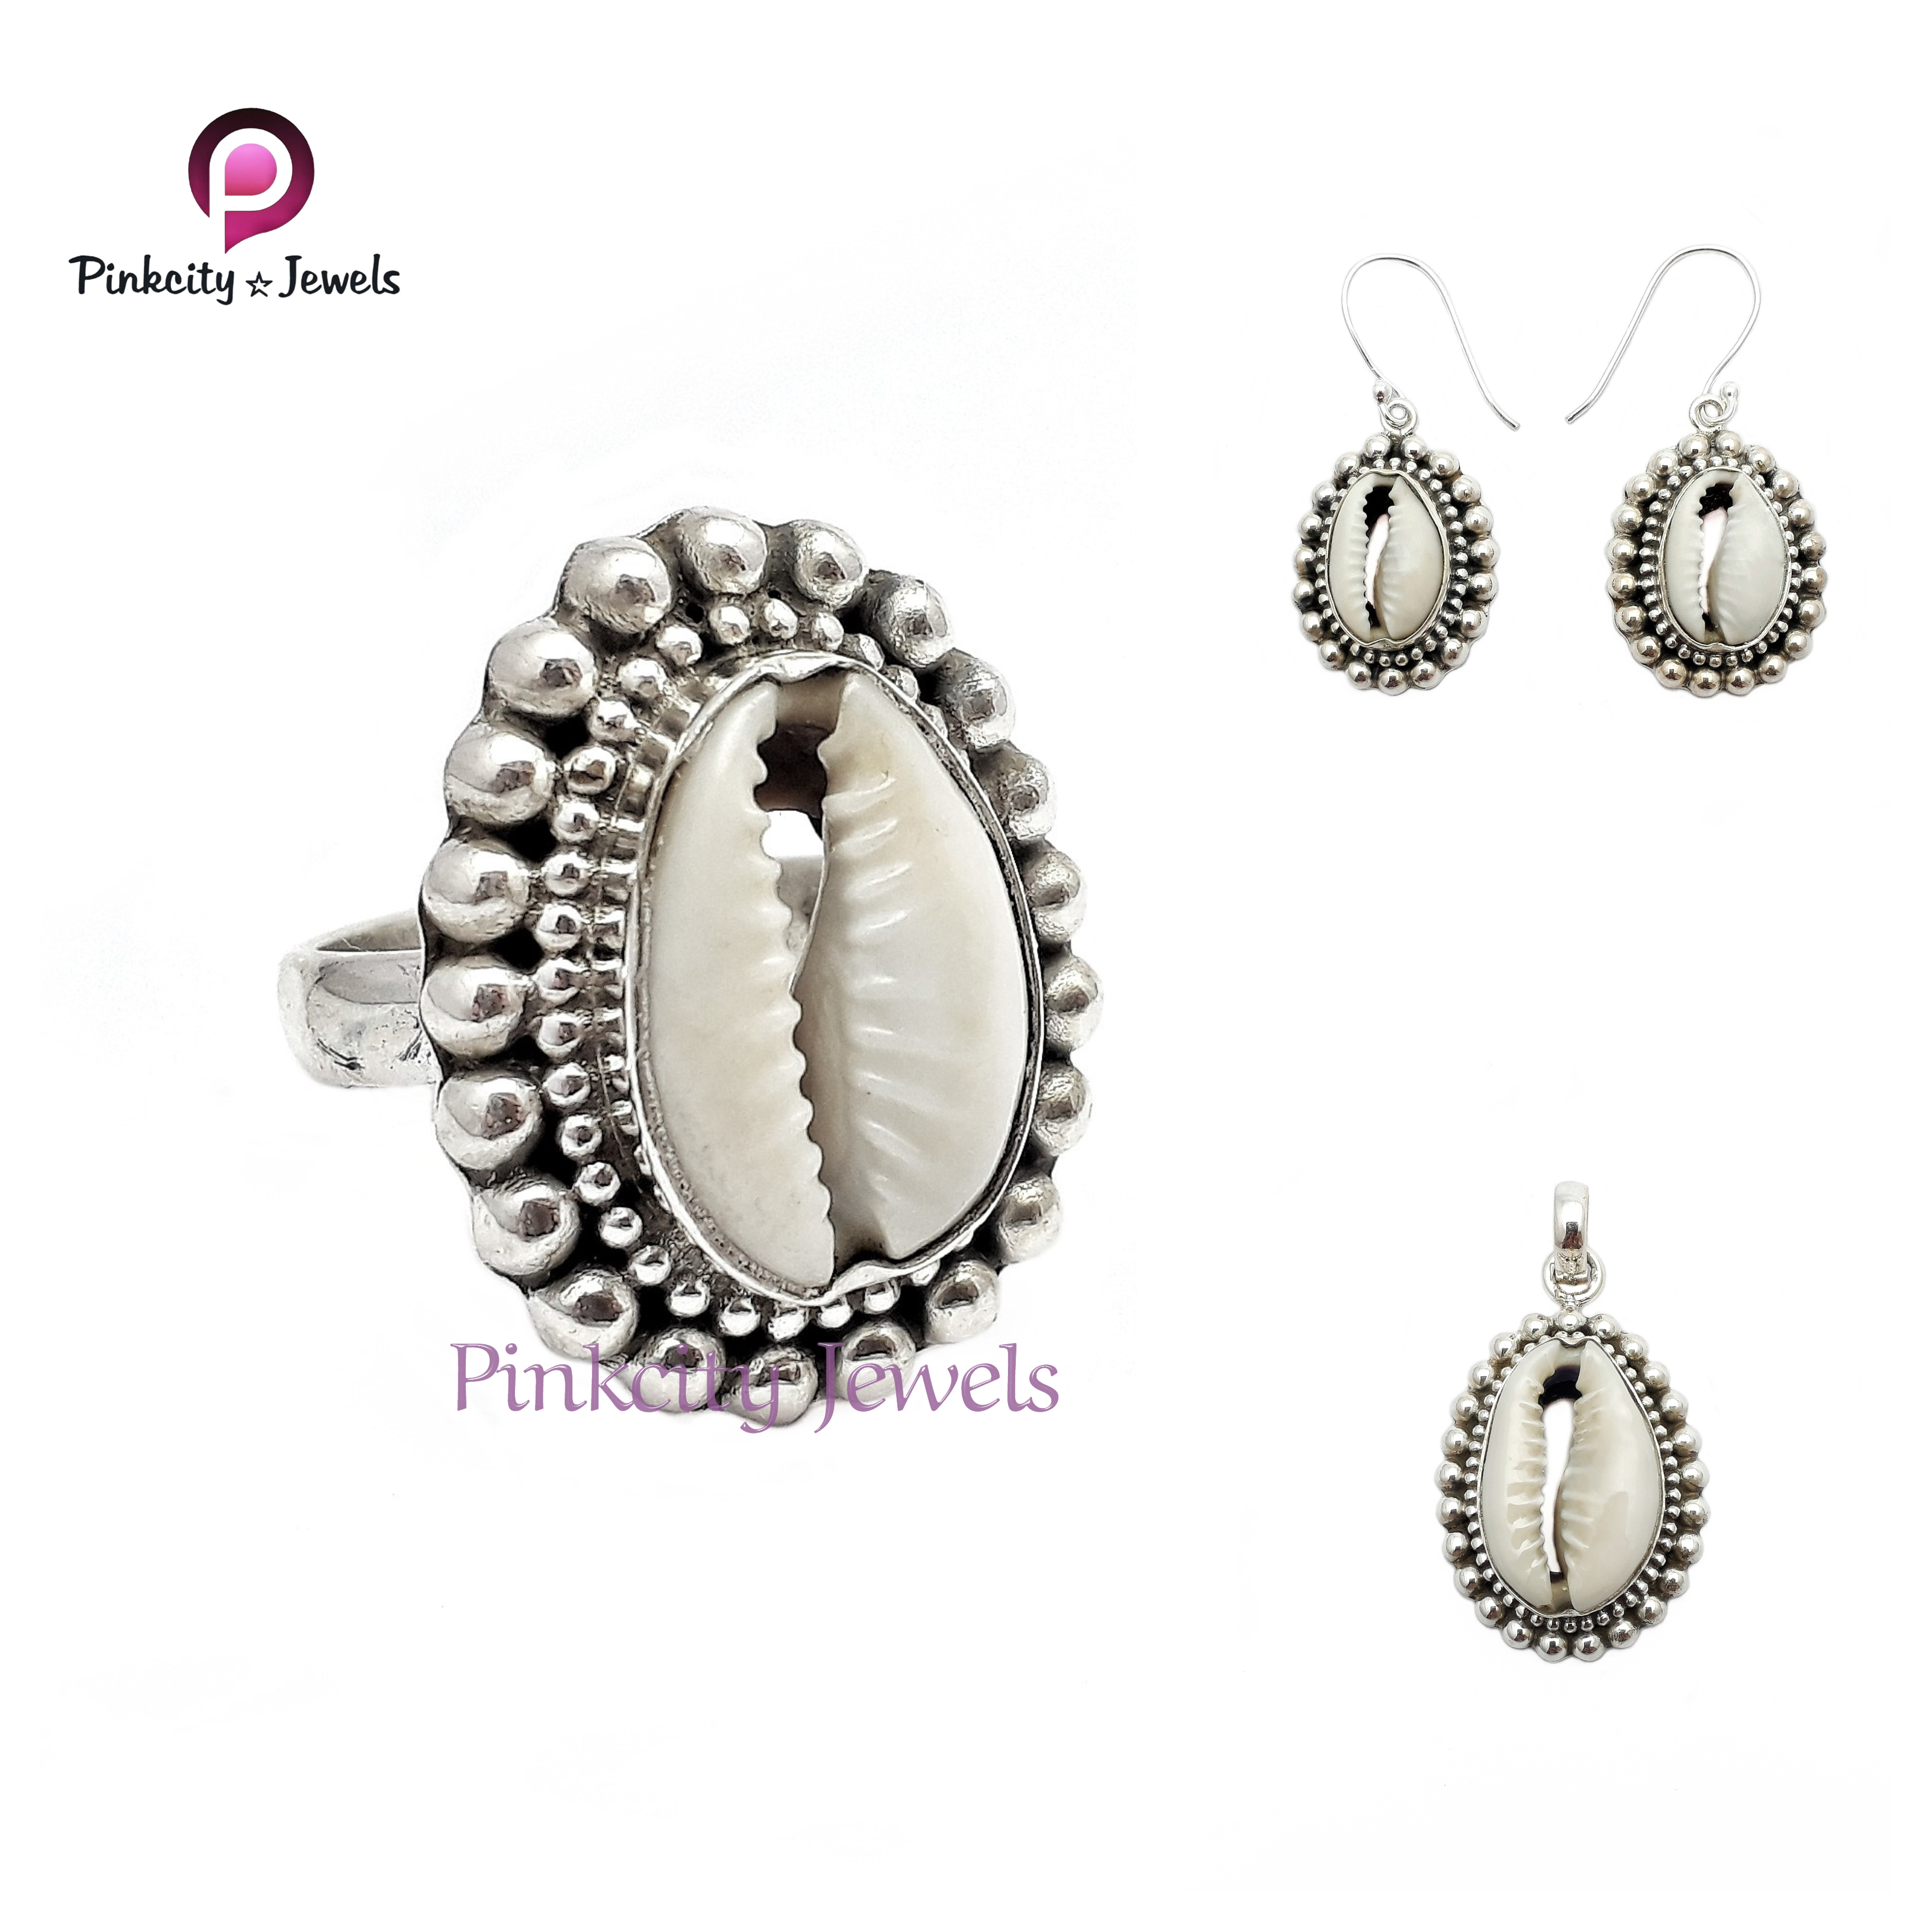 Sea Shell (Codi) 925 Silver Ring